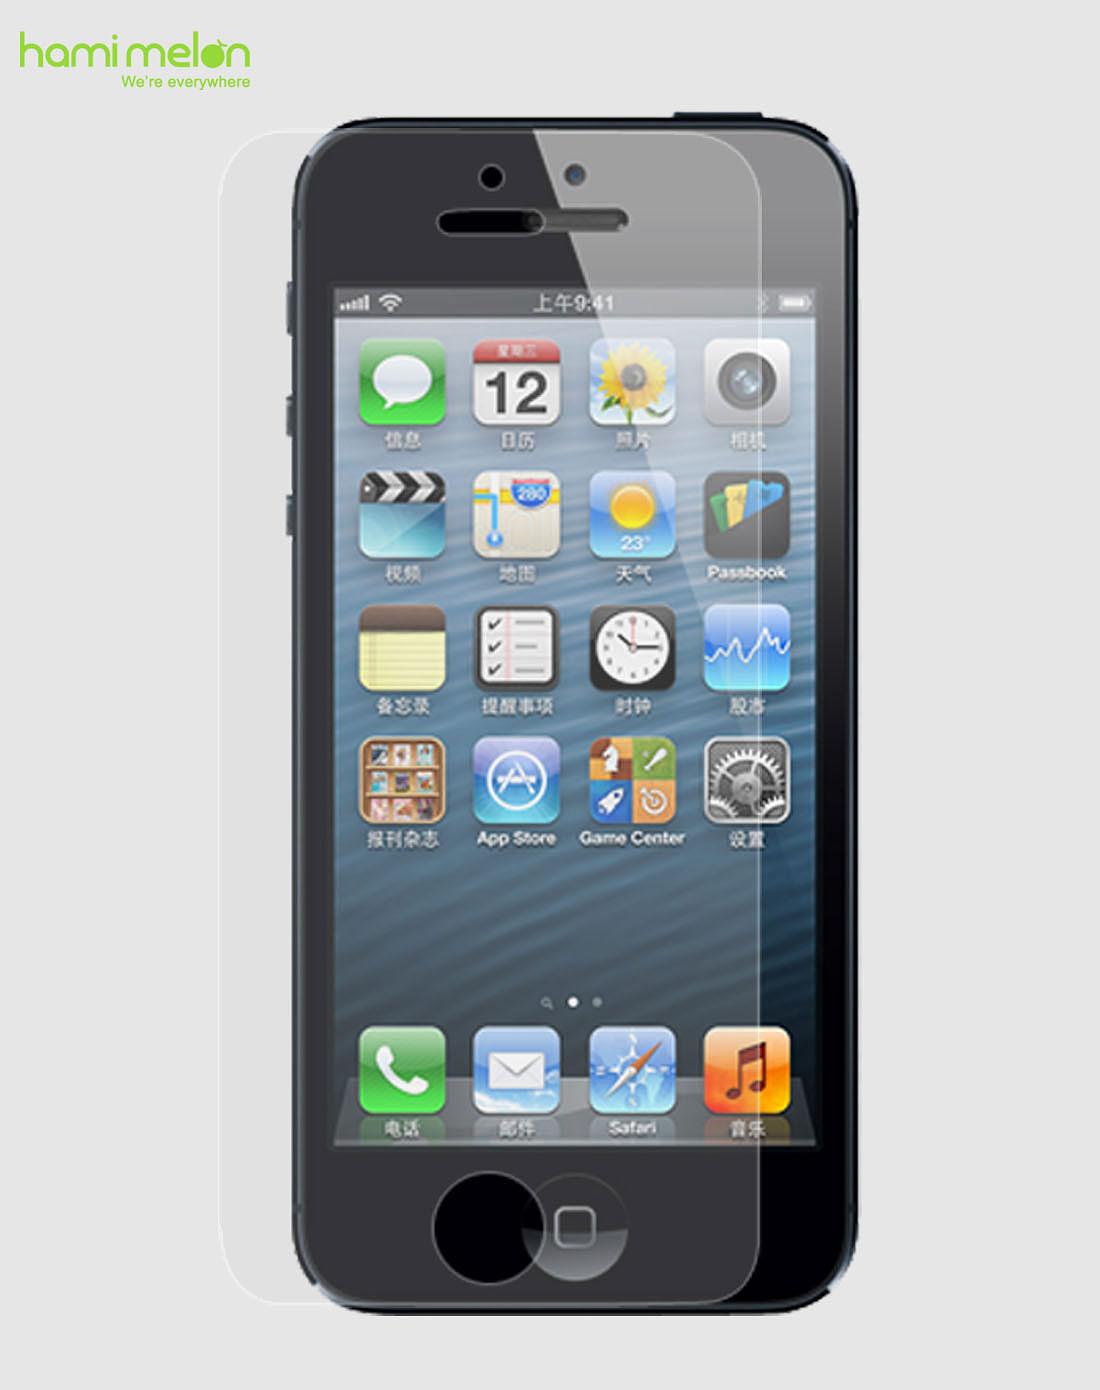 哈密瓜抹布赠品贴膜-iphone5专场屏幕保护苹果(配树脂手机)壁灯现代配件图片